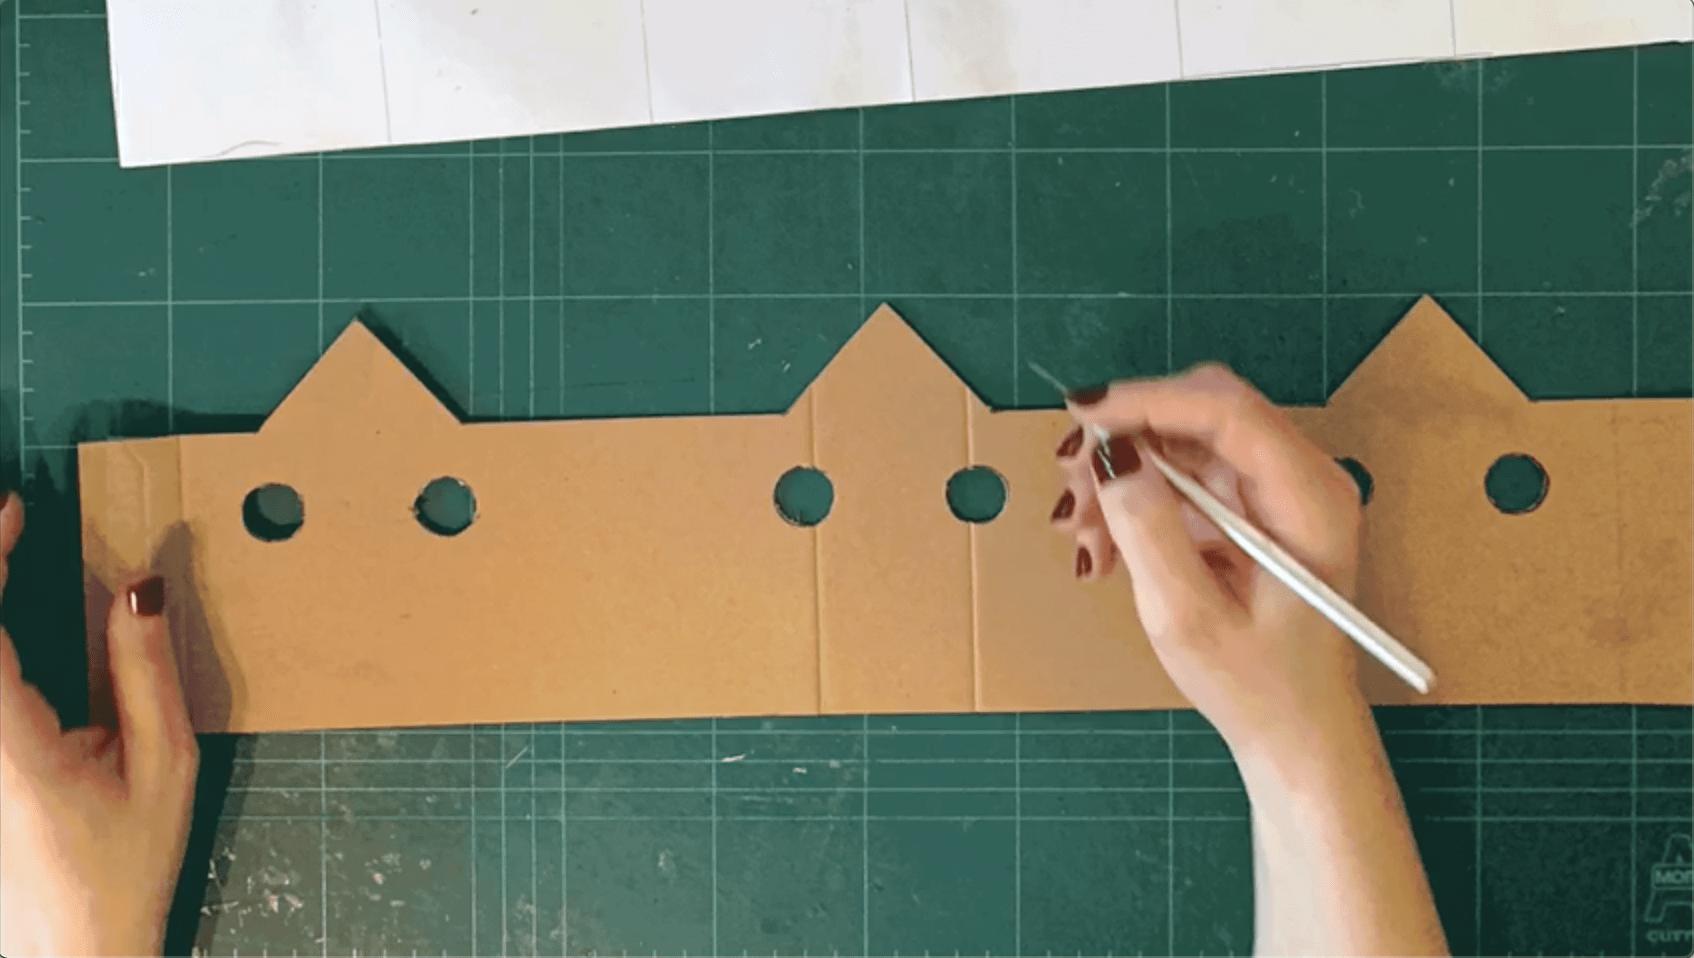 El Protector de manillas DIY que evita contagios que puedes construir gratis 73